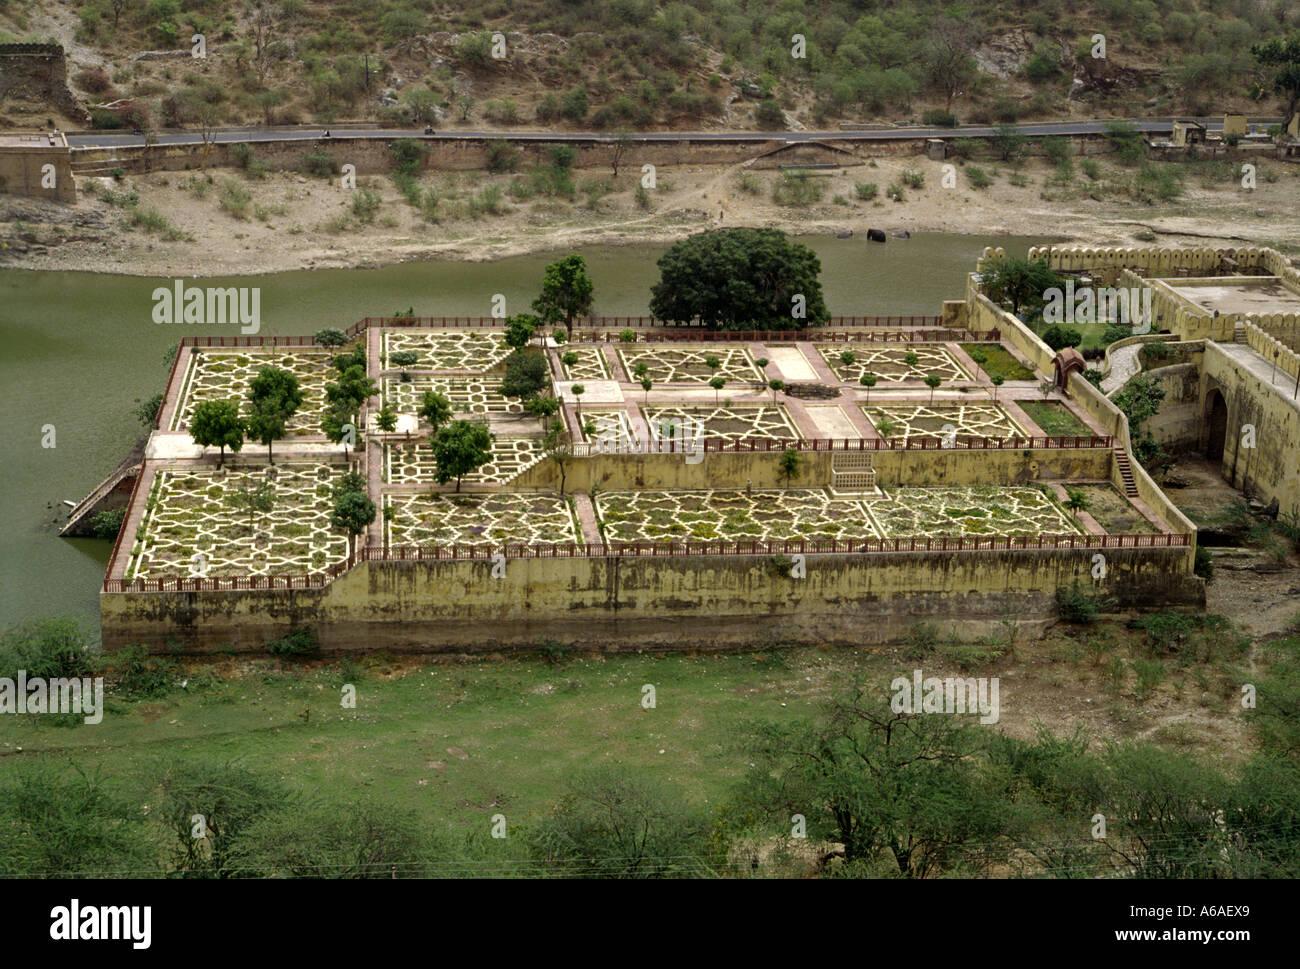 View of Kesar Kyari Bagh from Amber Fort, Jaipur, Rajasthan India - Stock Image